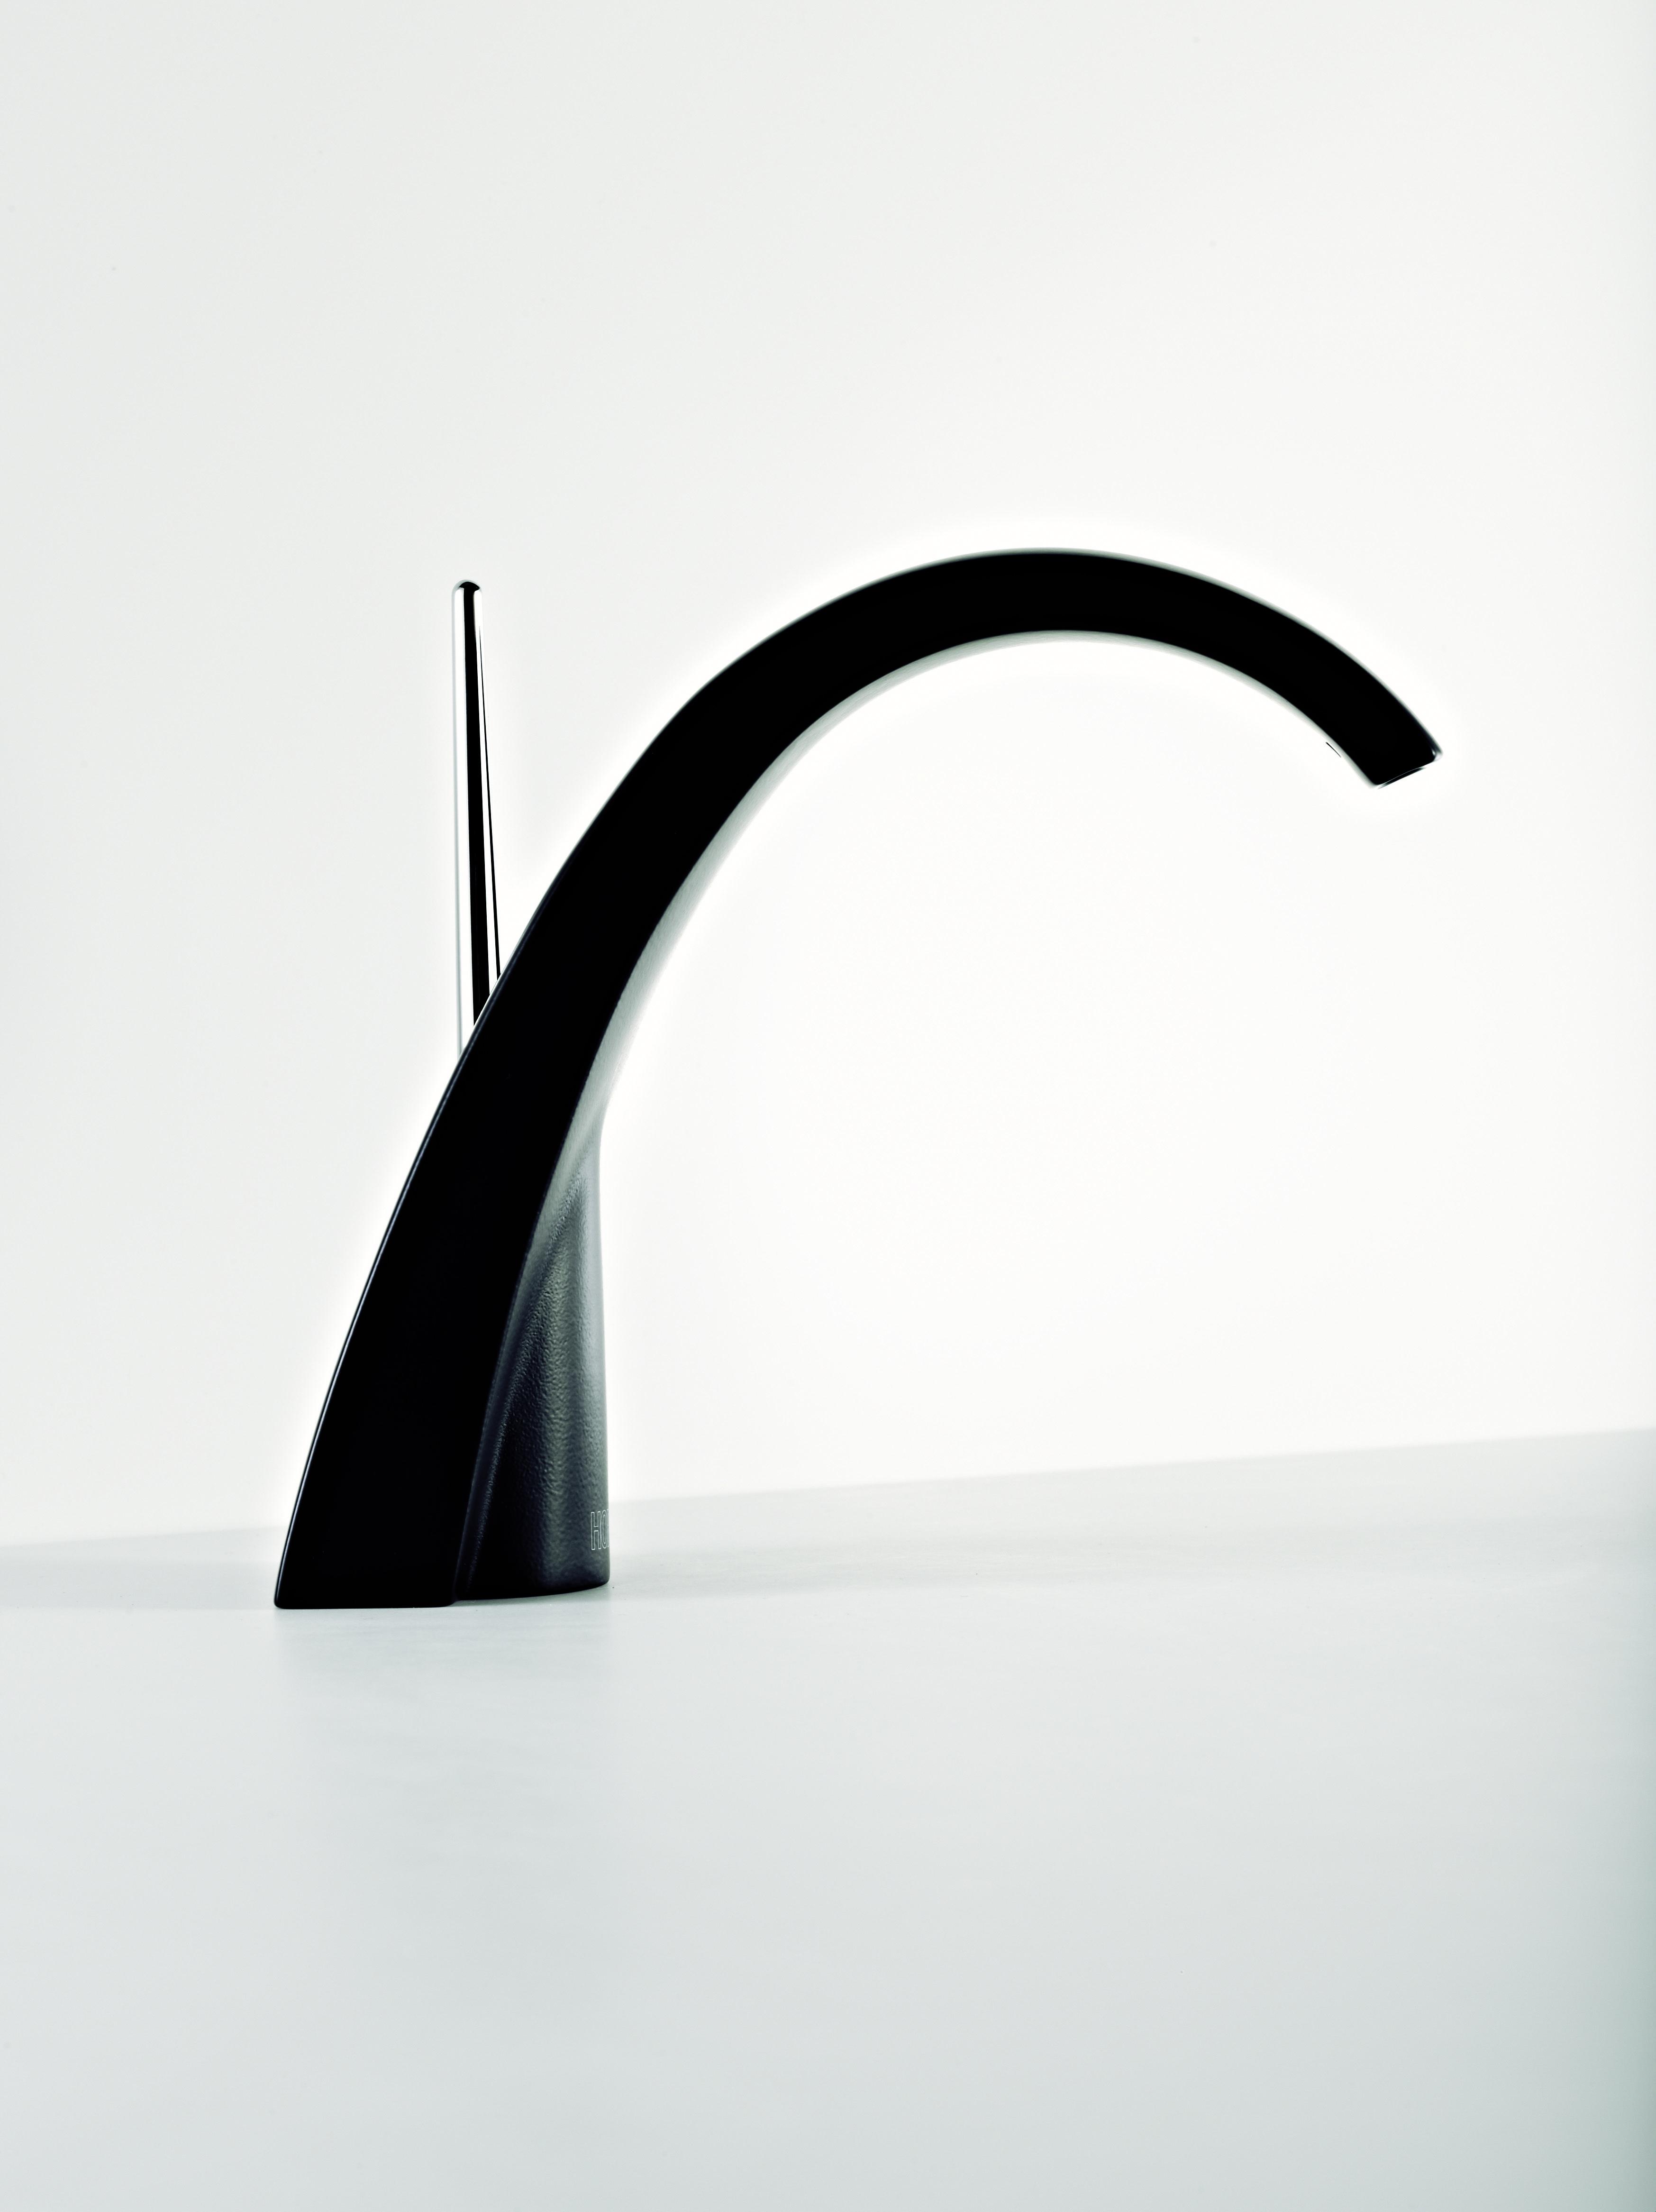 nouveaut lanc e en 2010 nouvelle vague traduit l orientation horus en vue de valoriser son. Black Bedroom Furniture Sets. Home Design Ideas